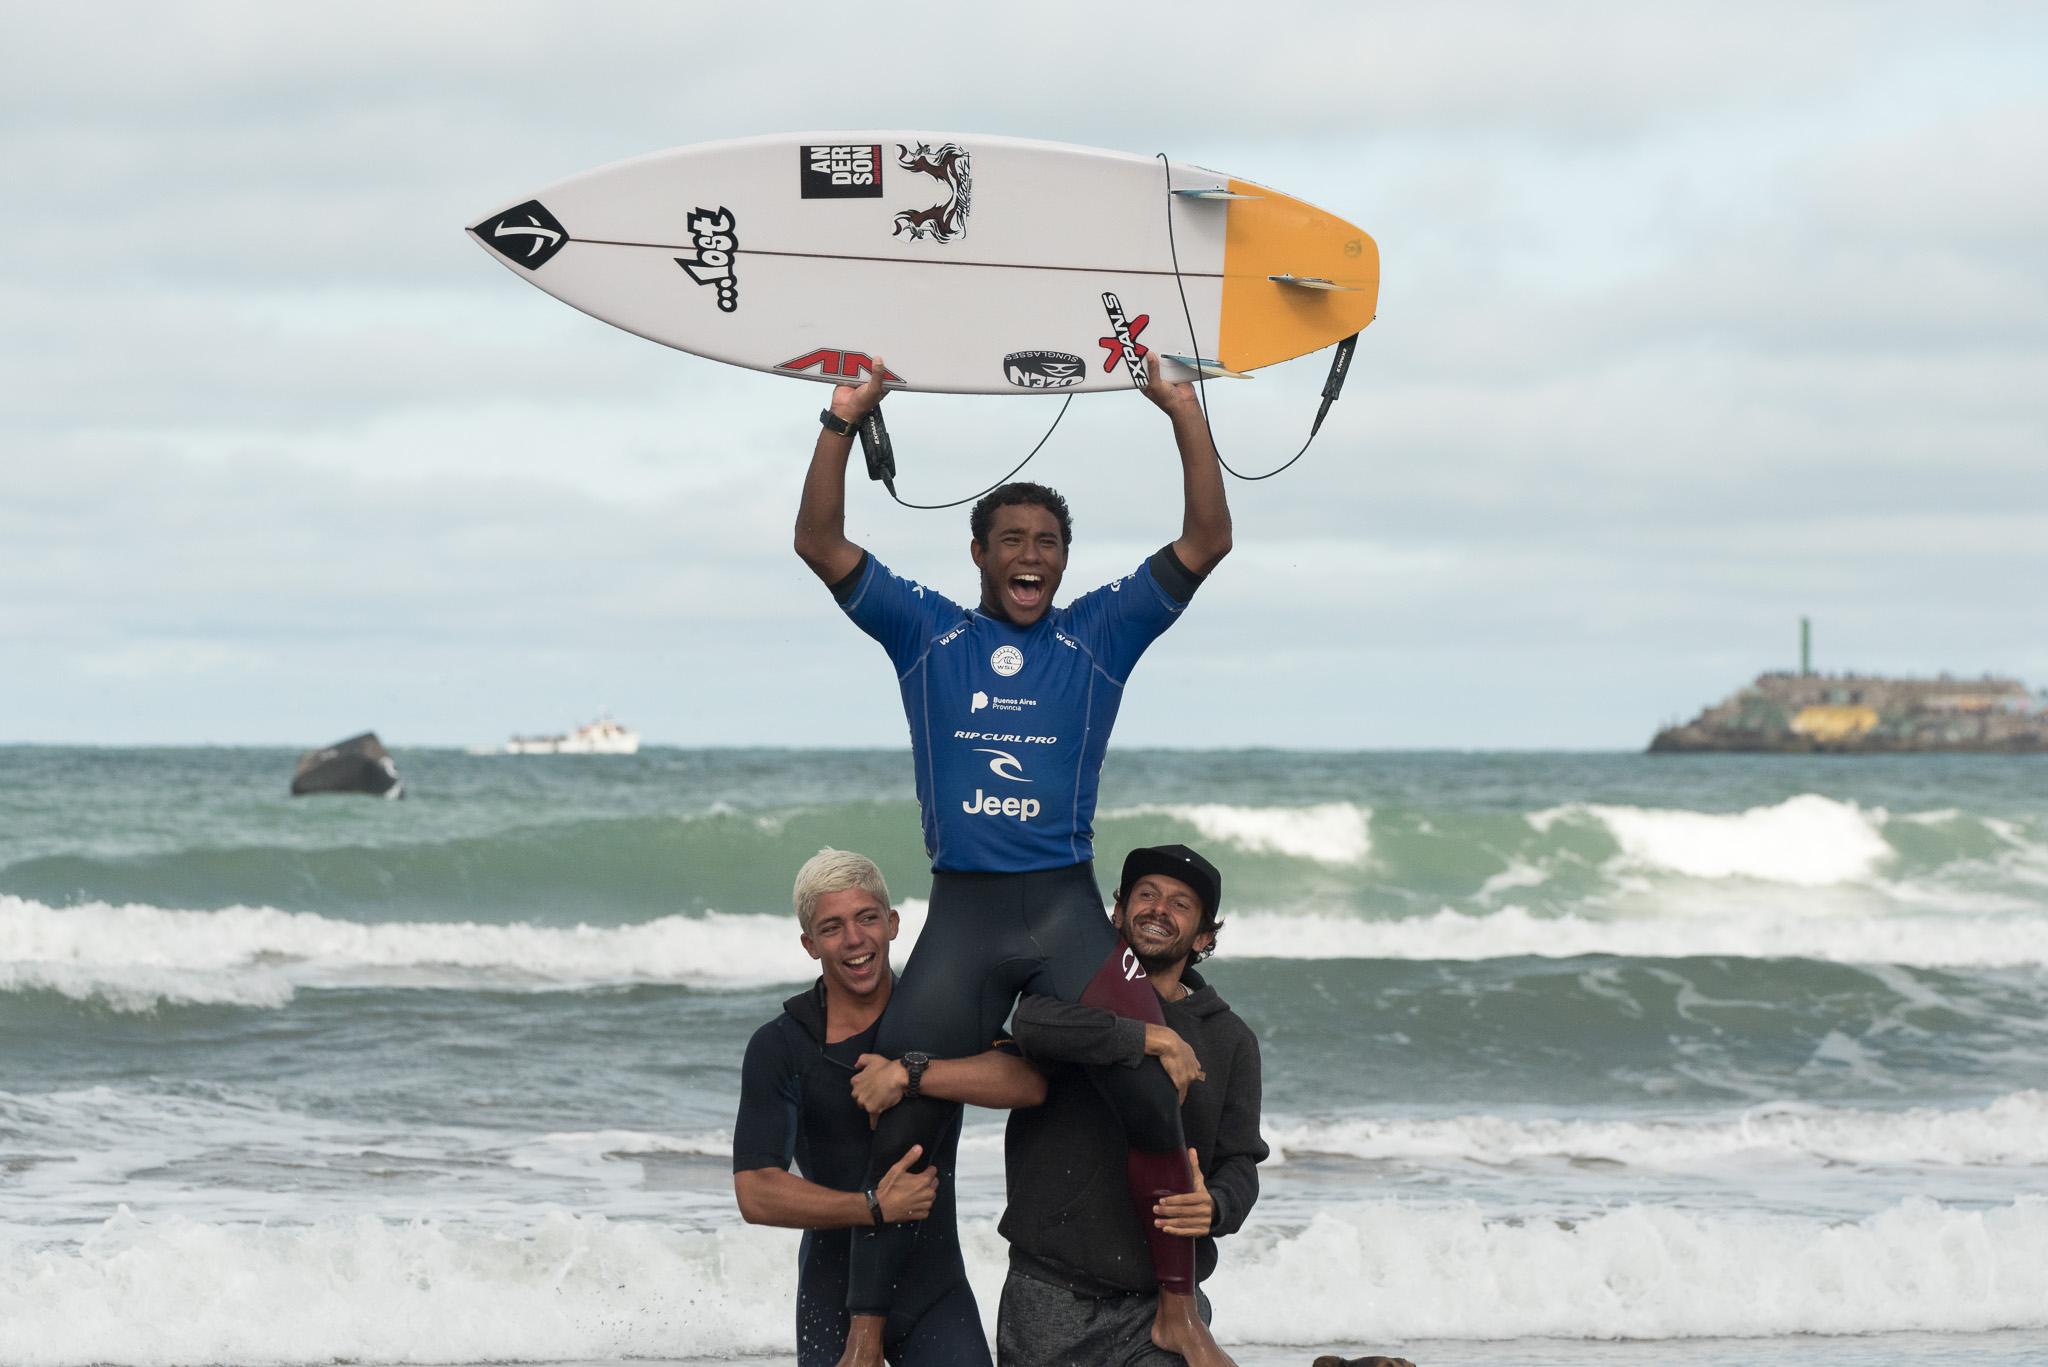 Wesley Santos (BRA) (Beto Oviedo / Surfing Latino)